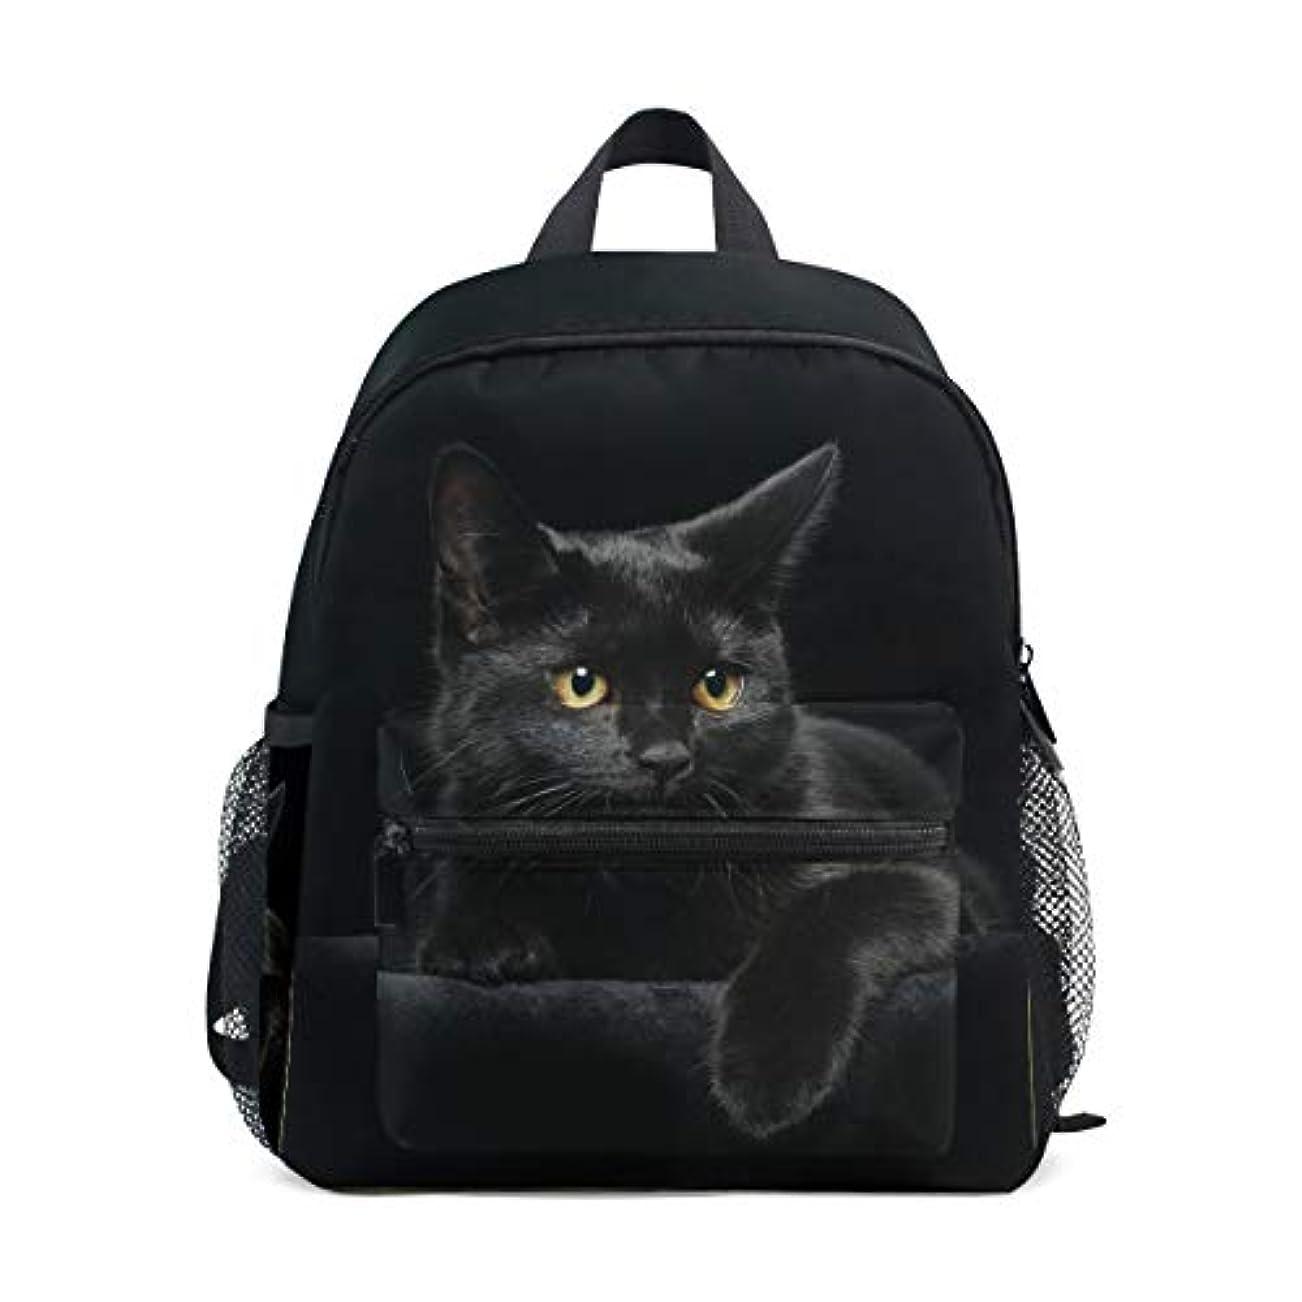 レルム知覚できる週間VAWA キッズリュック 子供用 リュックサック おしゃれ 軽量 かわいい 猫柄 黒い猫 キッズバッグ 女の子 大容量 防水 小学生 アウトドア 通学 通園